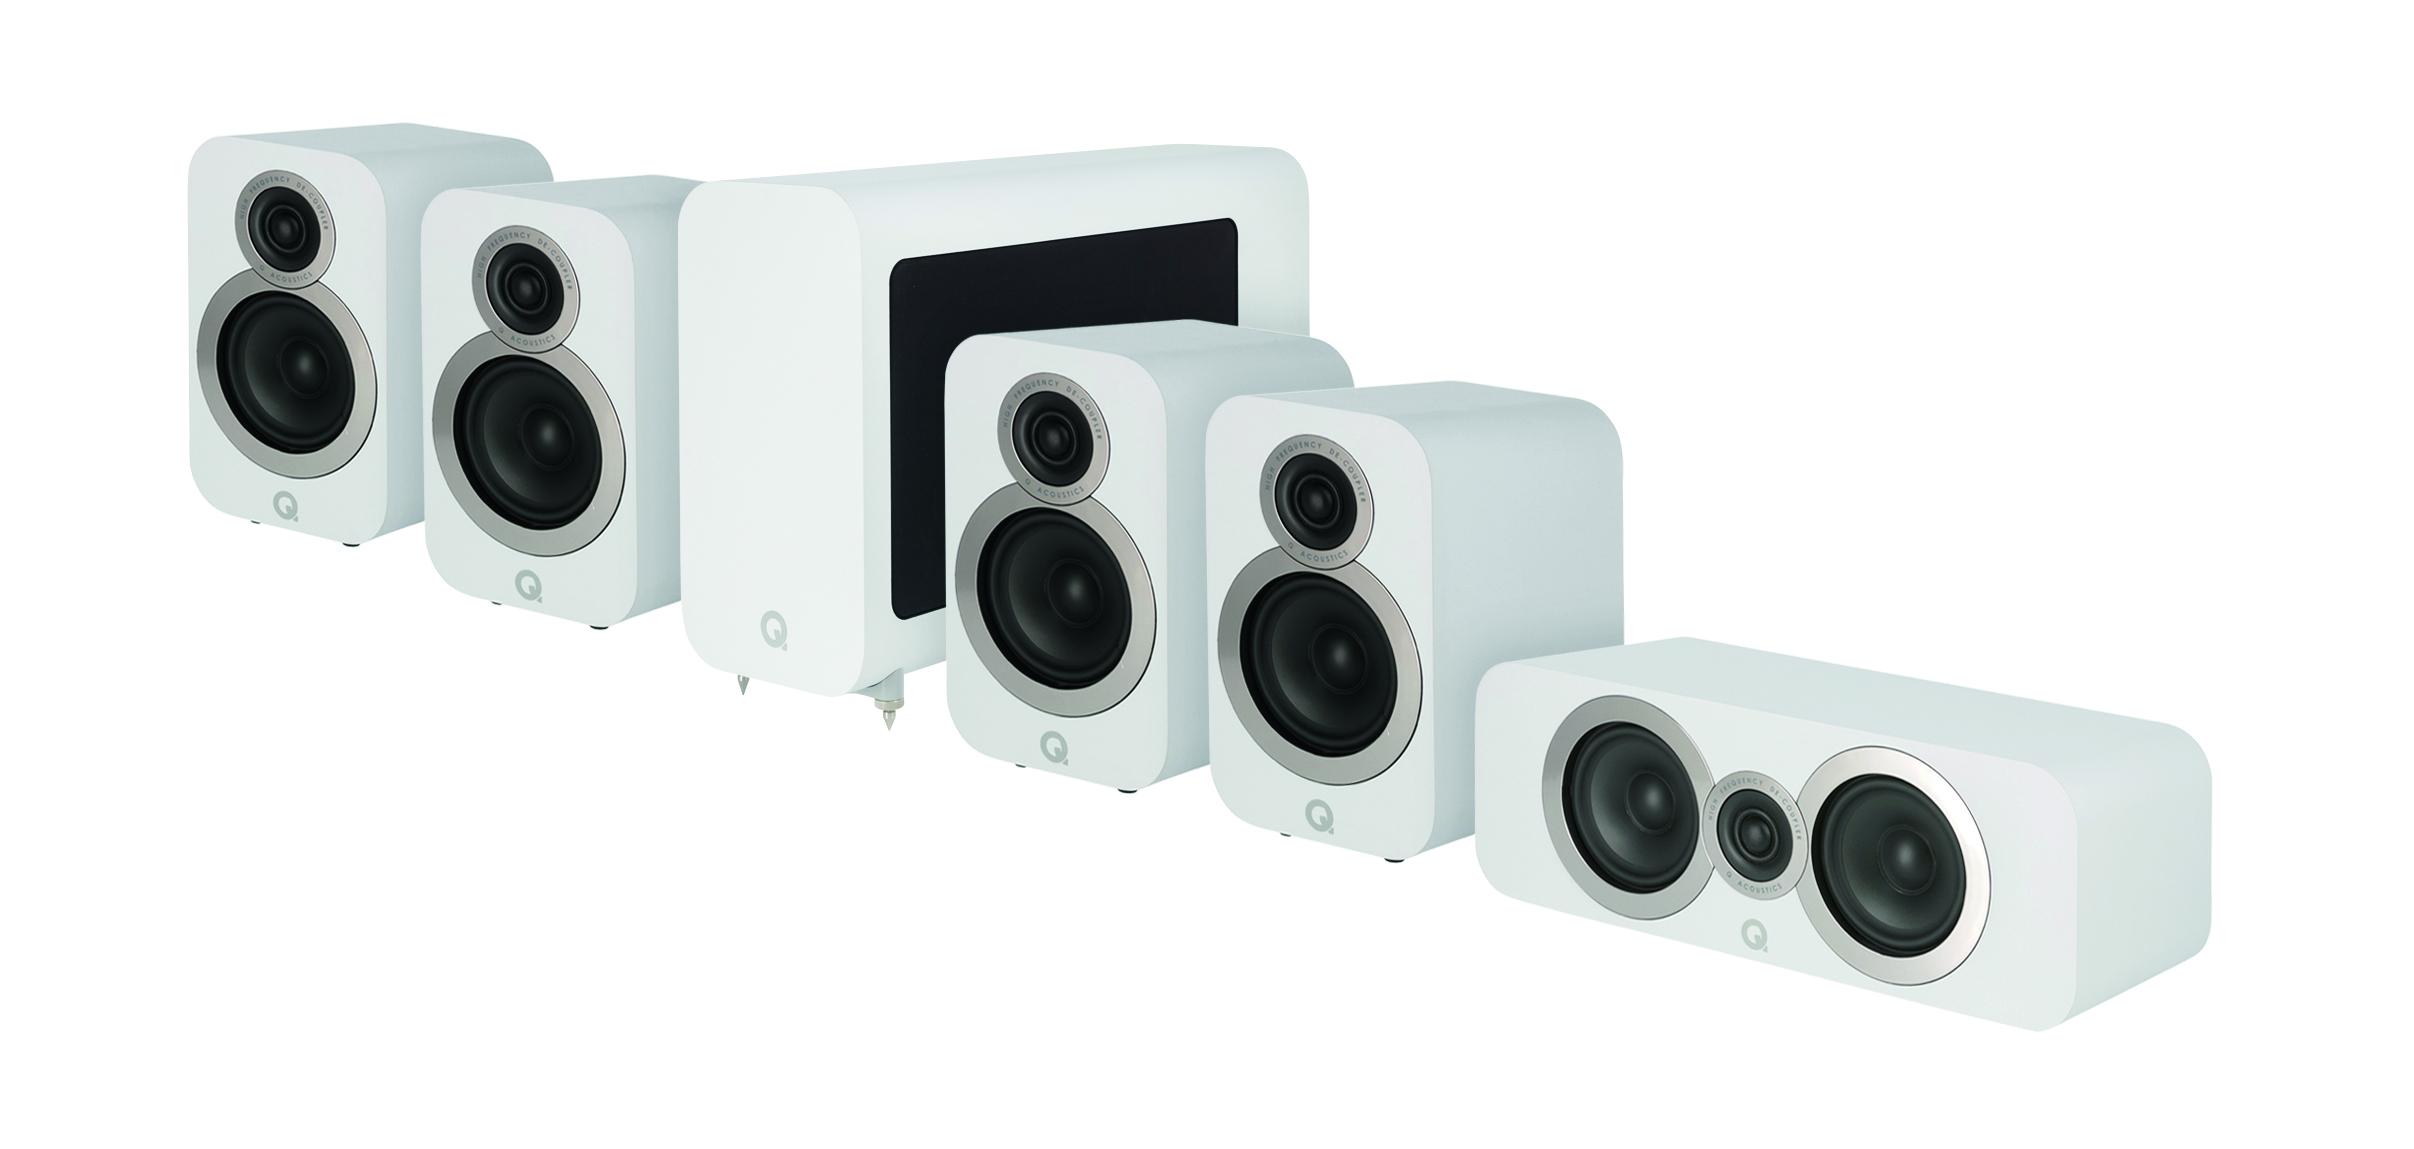 """Man kan välja mellan två """"hemmabiopaket"""" med fem högtalare och subwoofer. Foto: Q Acoustics"""